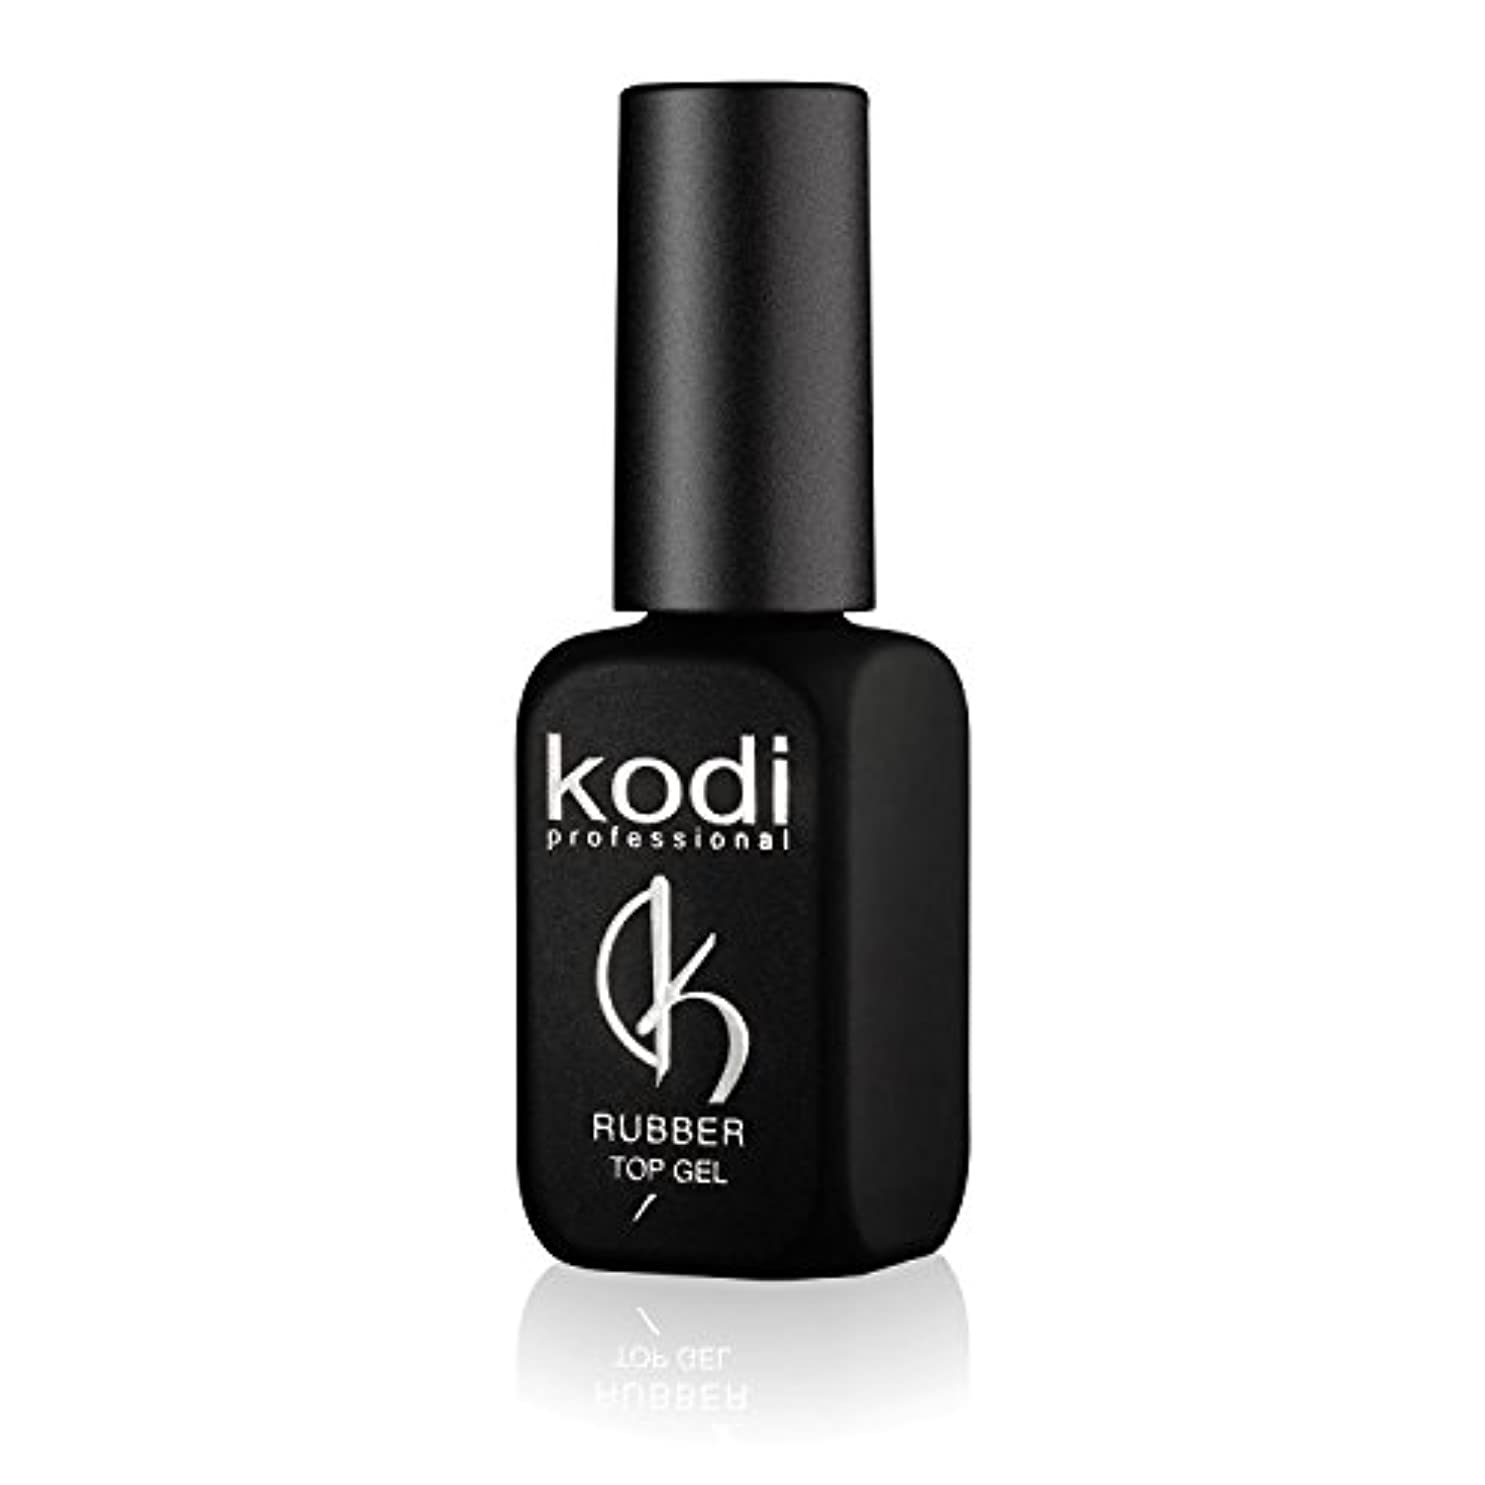 桃理容師北西Professional Rubber Top Gel By Kodi | 12ml 0.42 oz | Soak Off, Polish Fingernails Coat Gel | For Long Lasting...